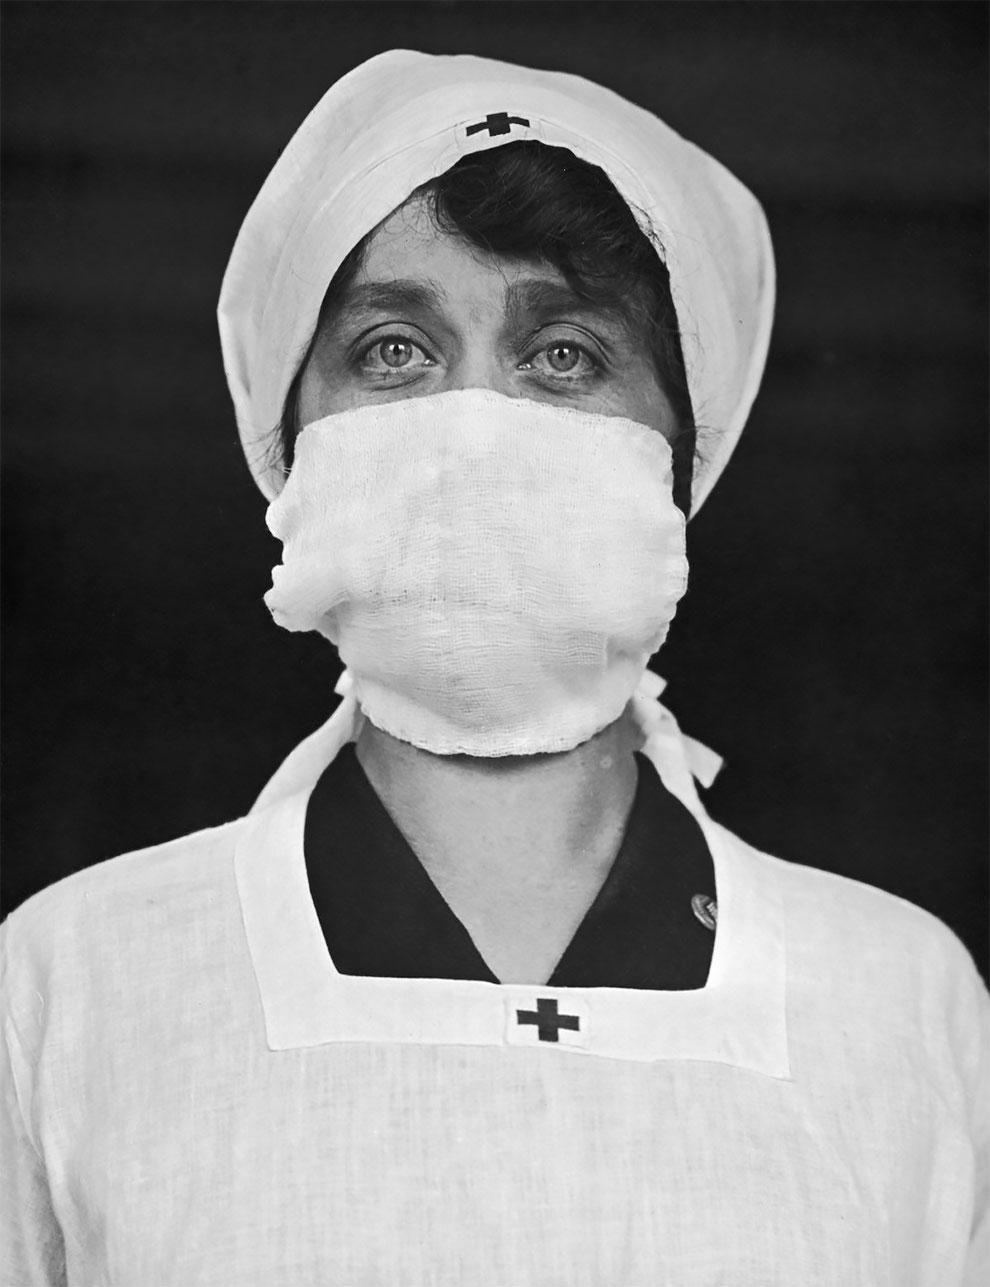 центр картинки испанский гриппа уникальный своем роде